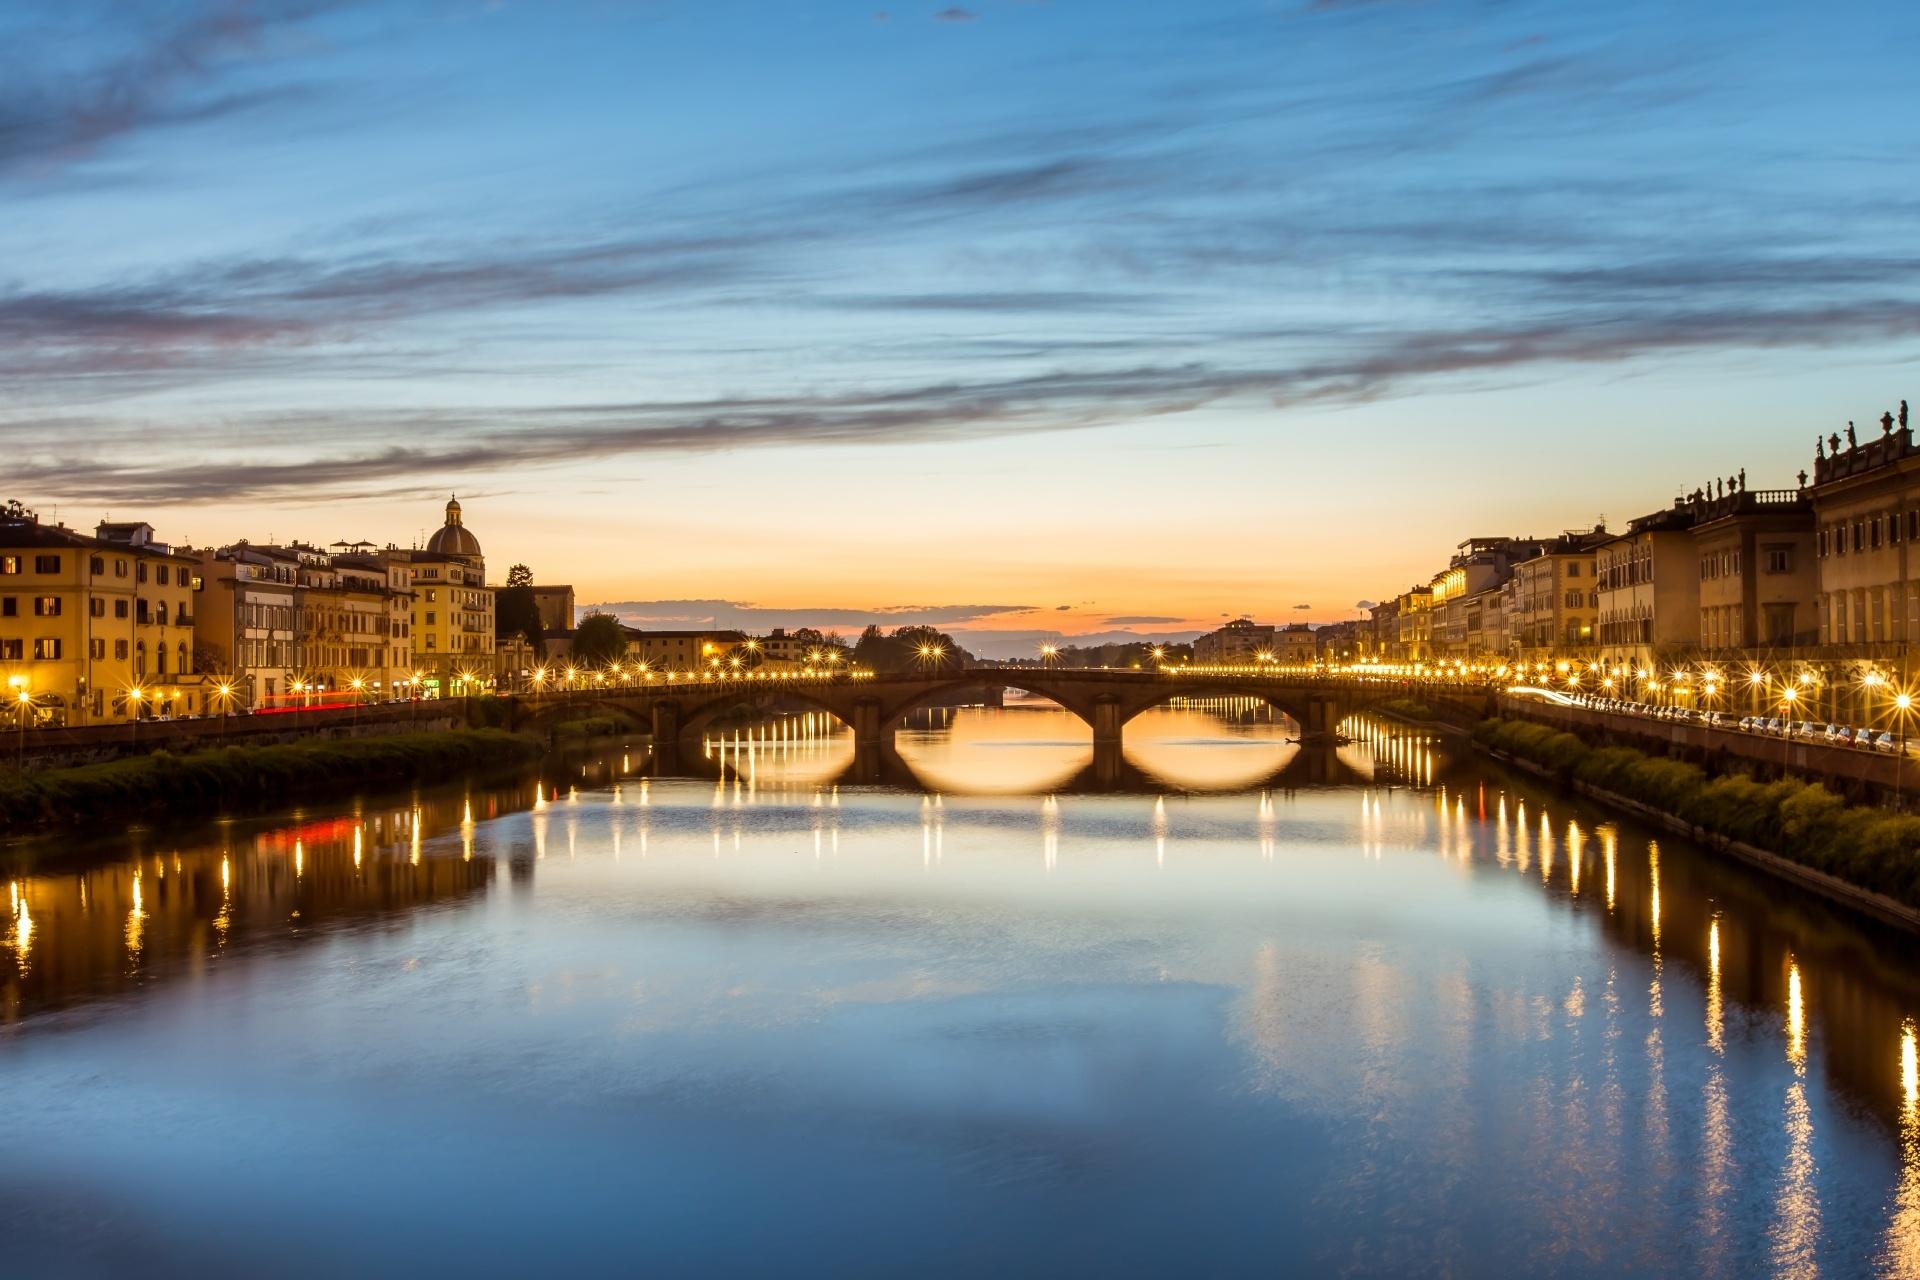 夕暮れのフィレンツェ サンタ・トリニタ橋とアルノ川 イタリアの風景